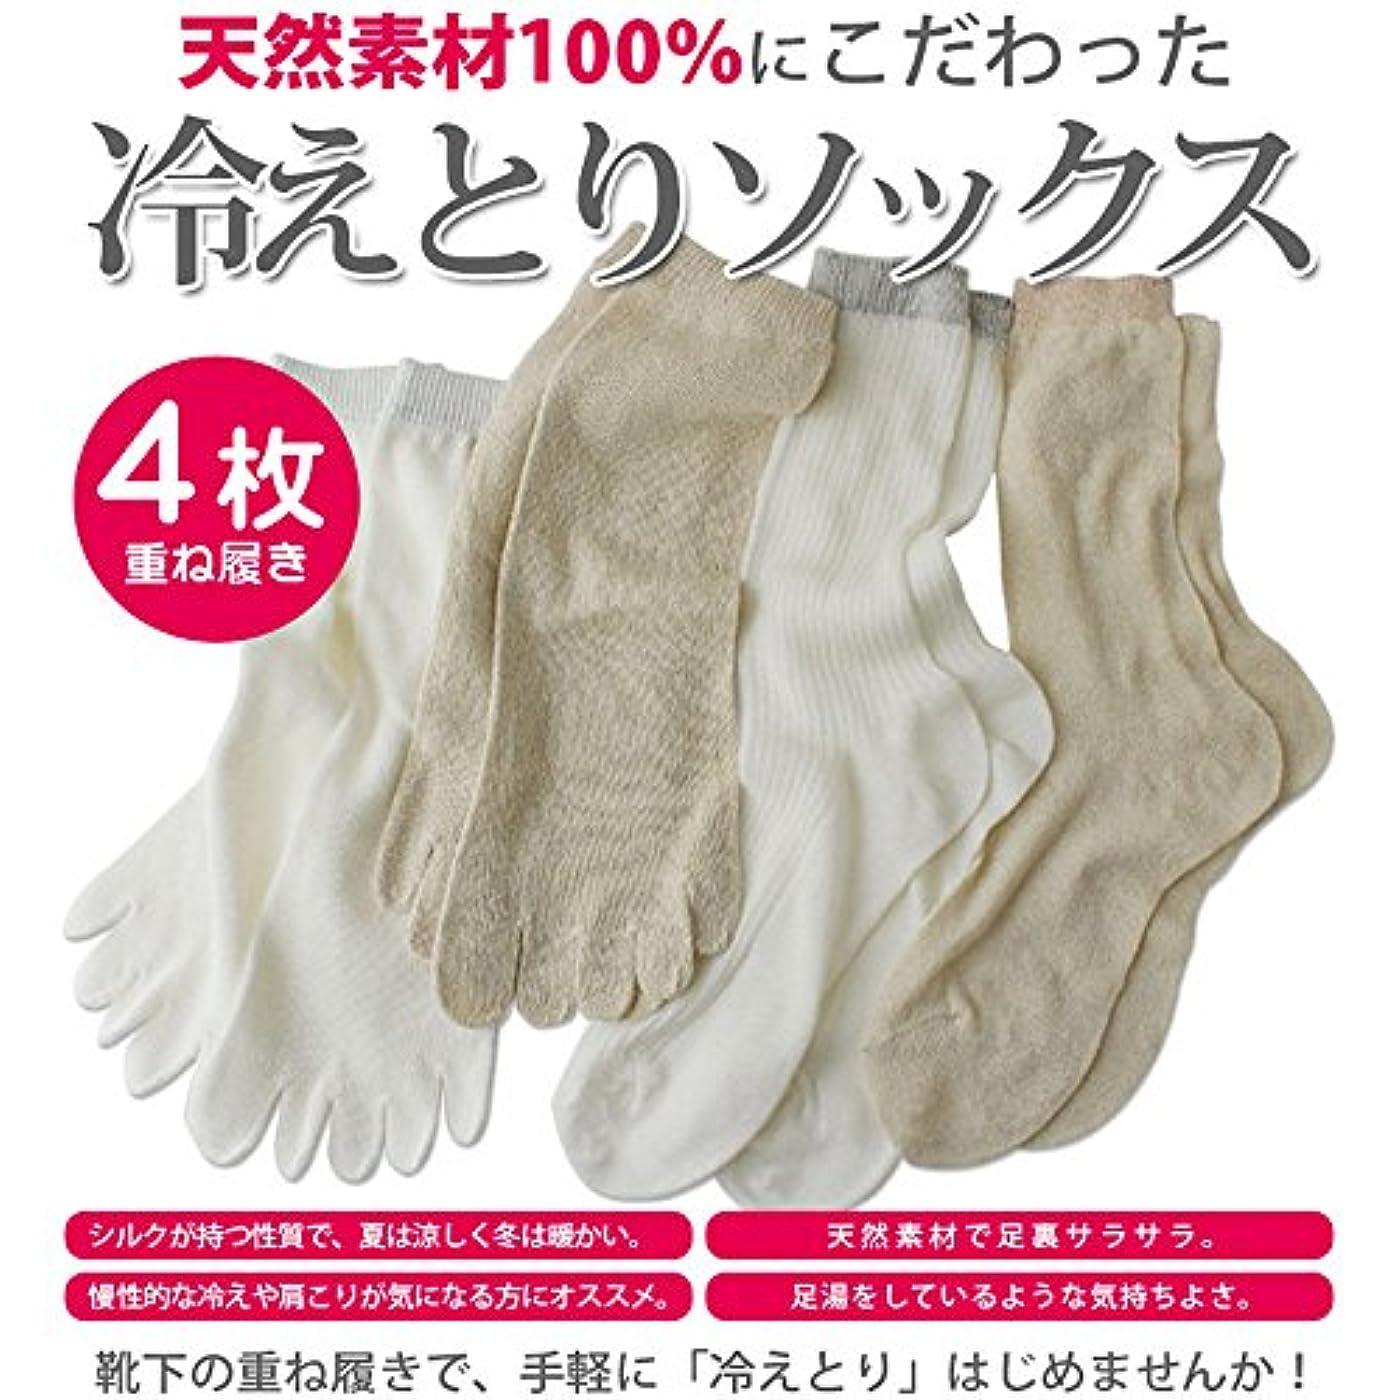 ネコ標高賄賂冷え取り靴下 綿100%とシルク100% 呼吸ソックス 4枚重ねばきであったか 4枚セット